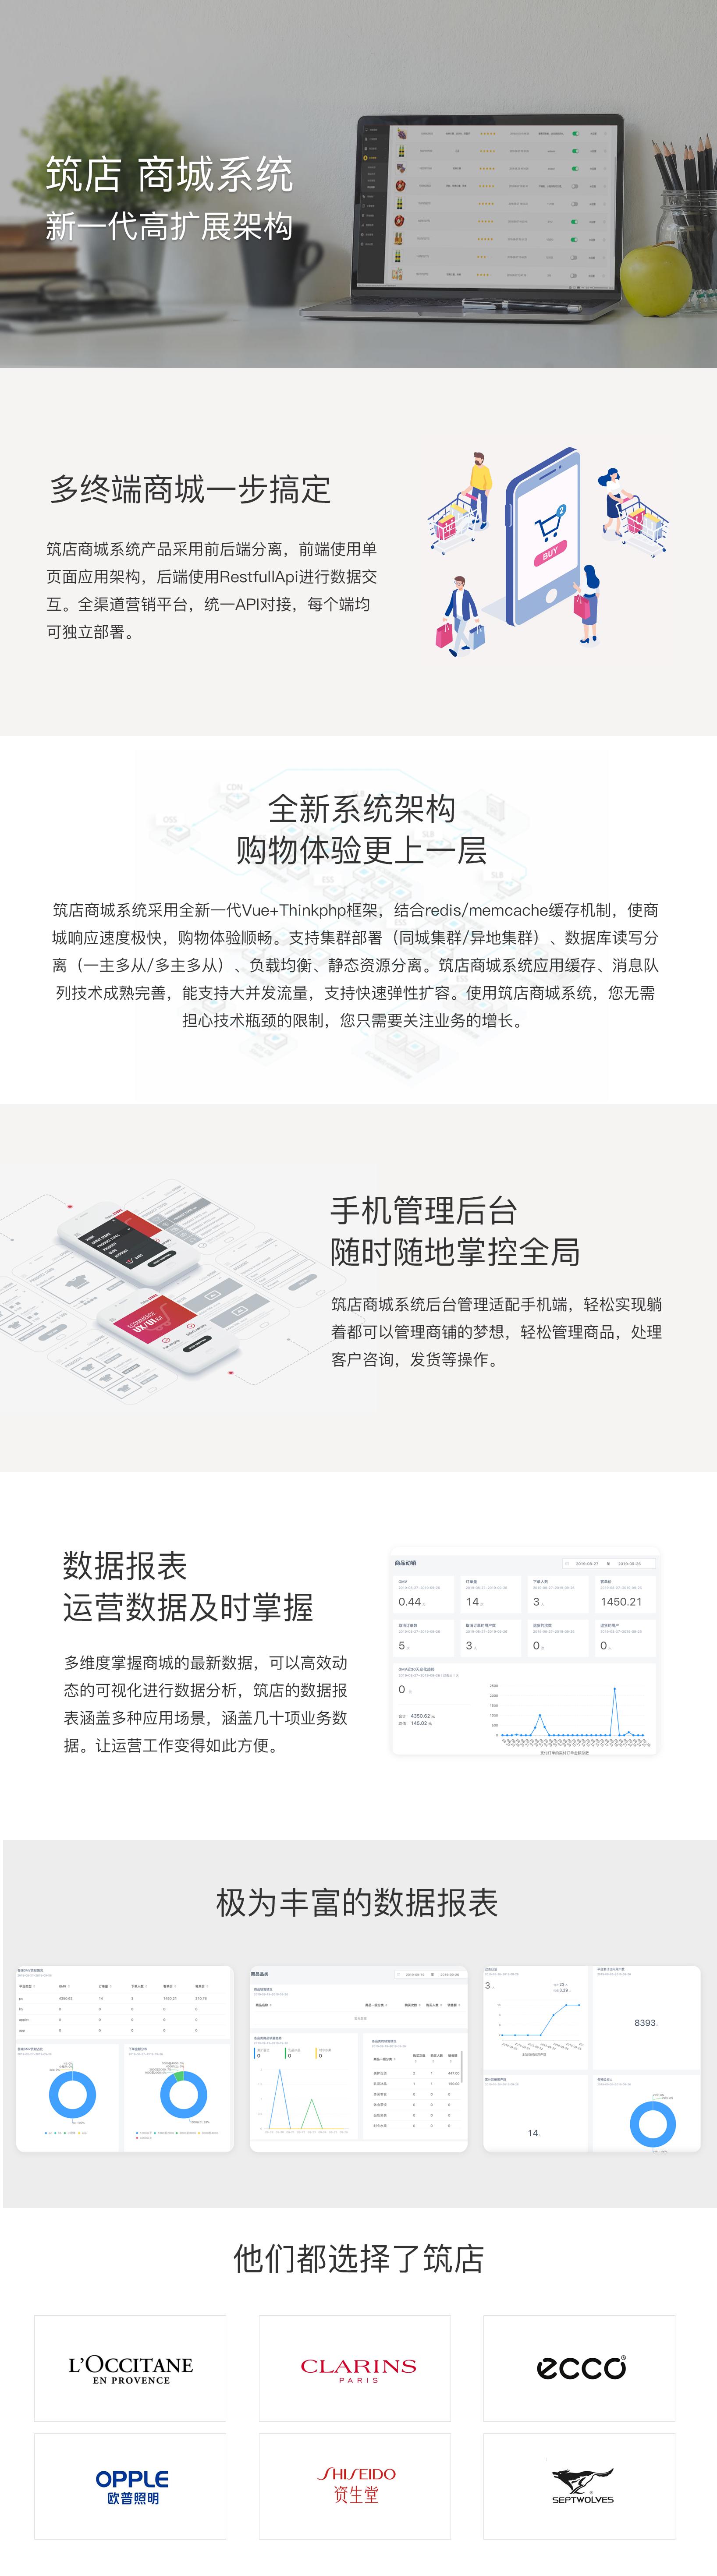 电商平台B2B/B2C--筑店商城系统